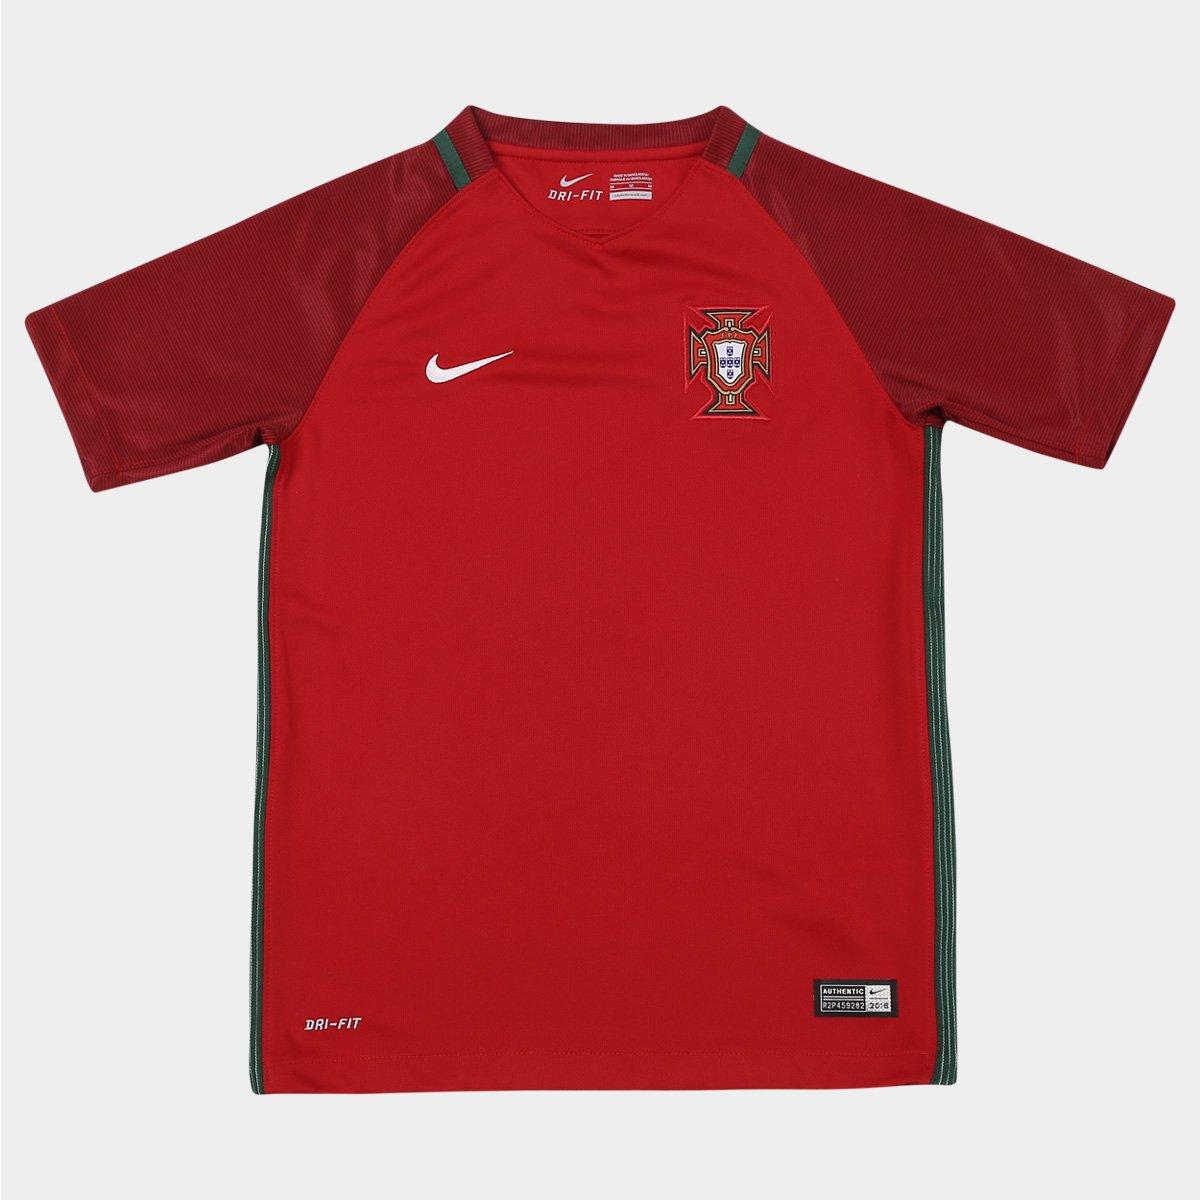 6668c3c715 Camisa Nike Seleção Portugal Home 2016 s nº Infantil - Compre Agora ...